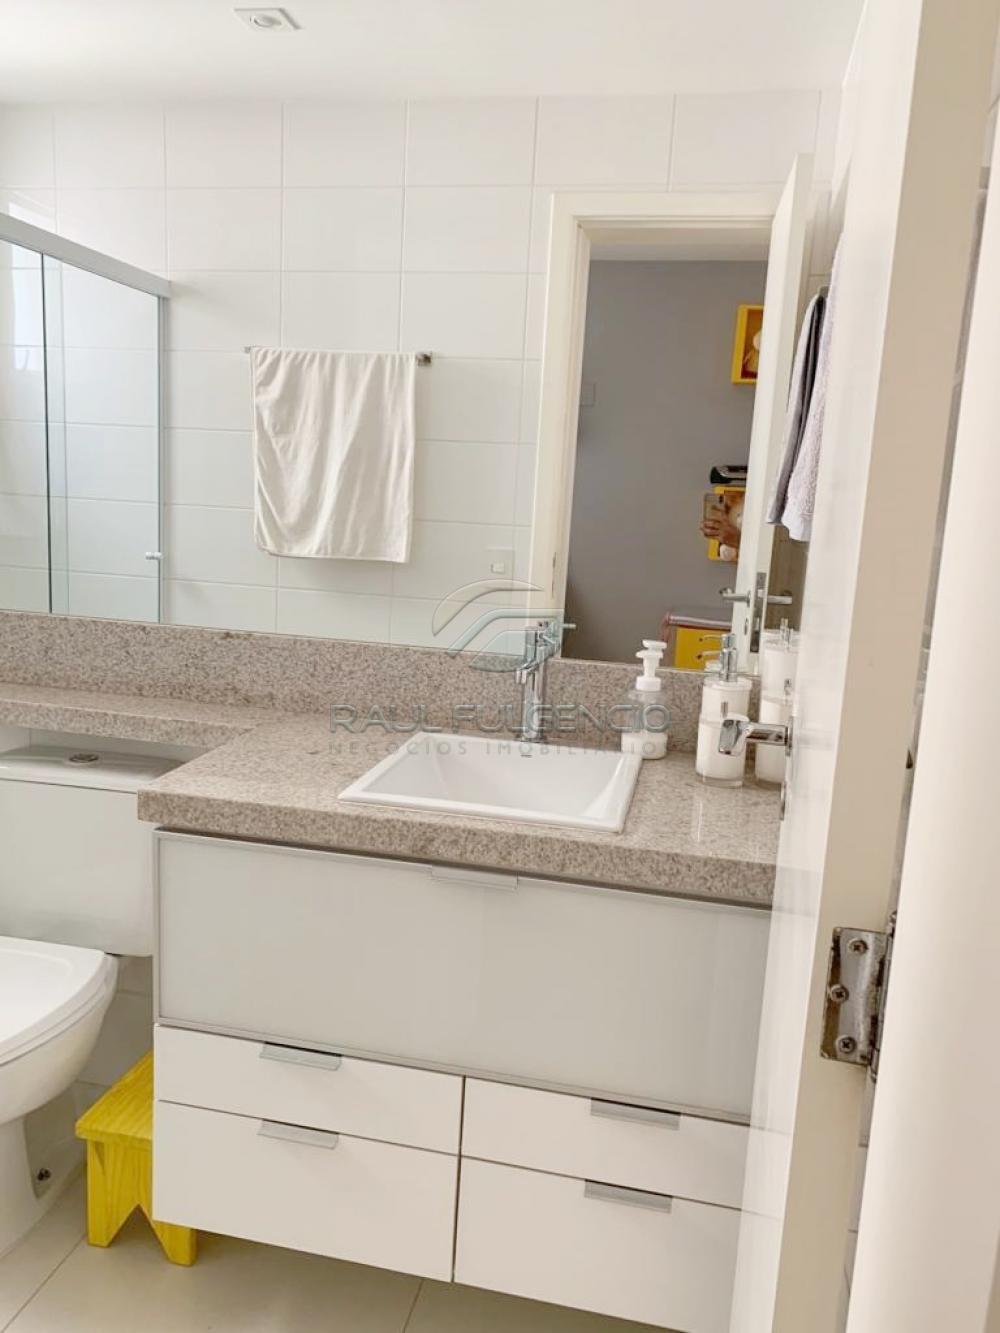 Comprar Apartamento / Padrão em Londrina apenas R$ 1.250.000,00 - Foto 33